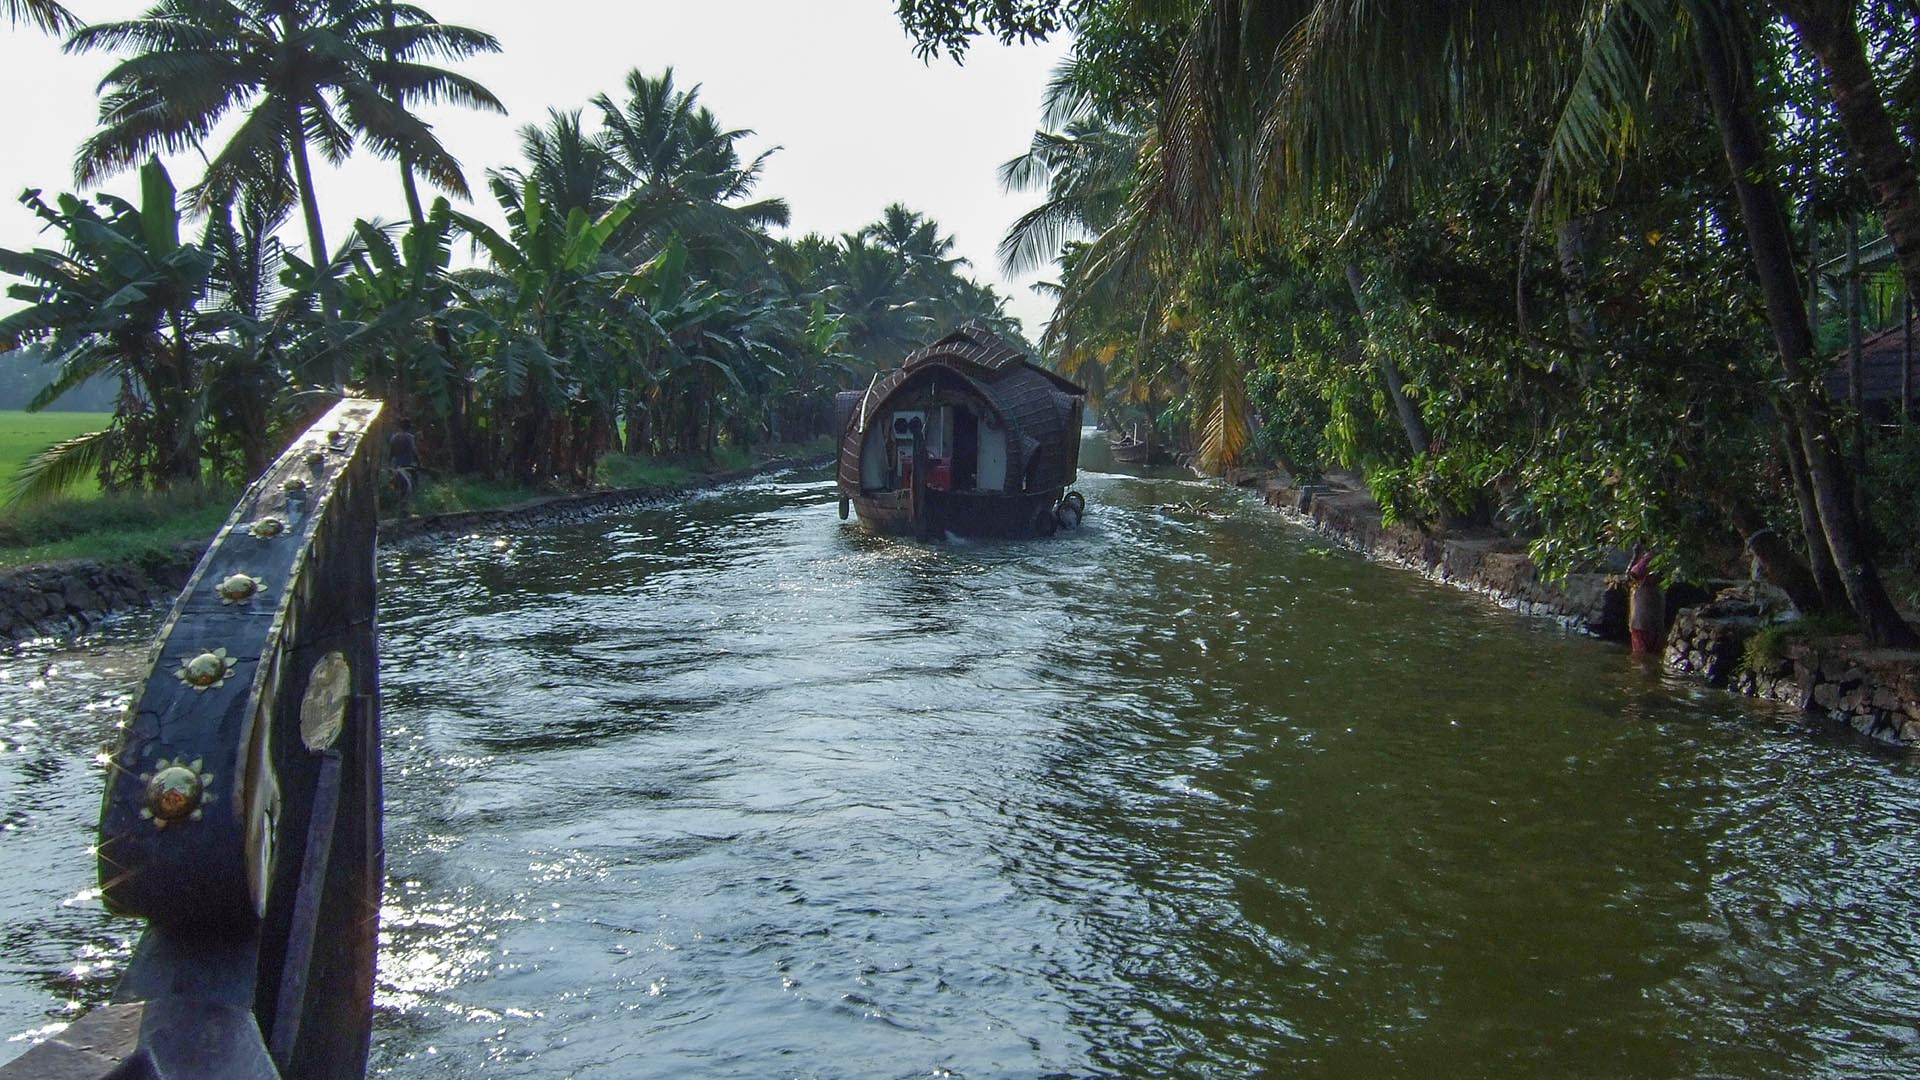 Backwaters turu yapan tekneler